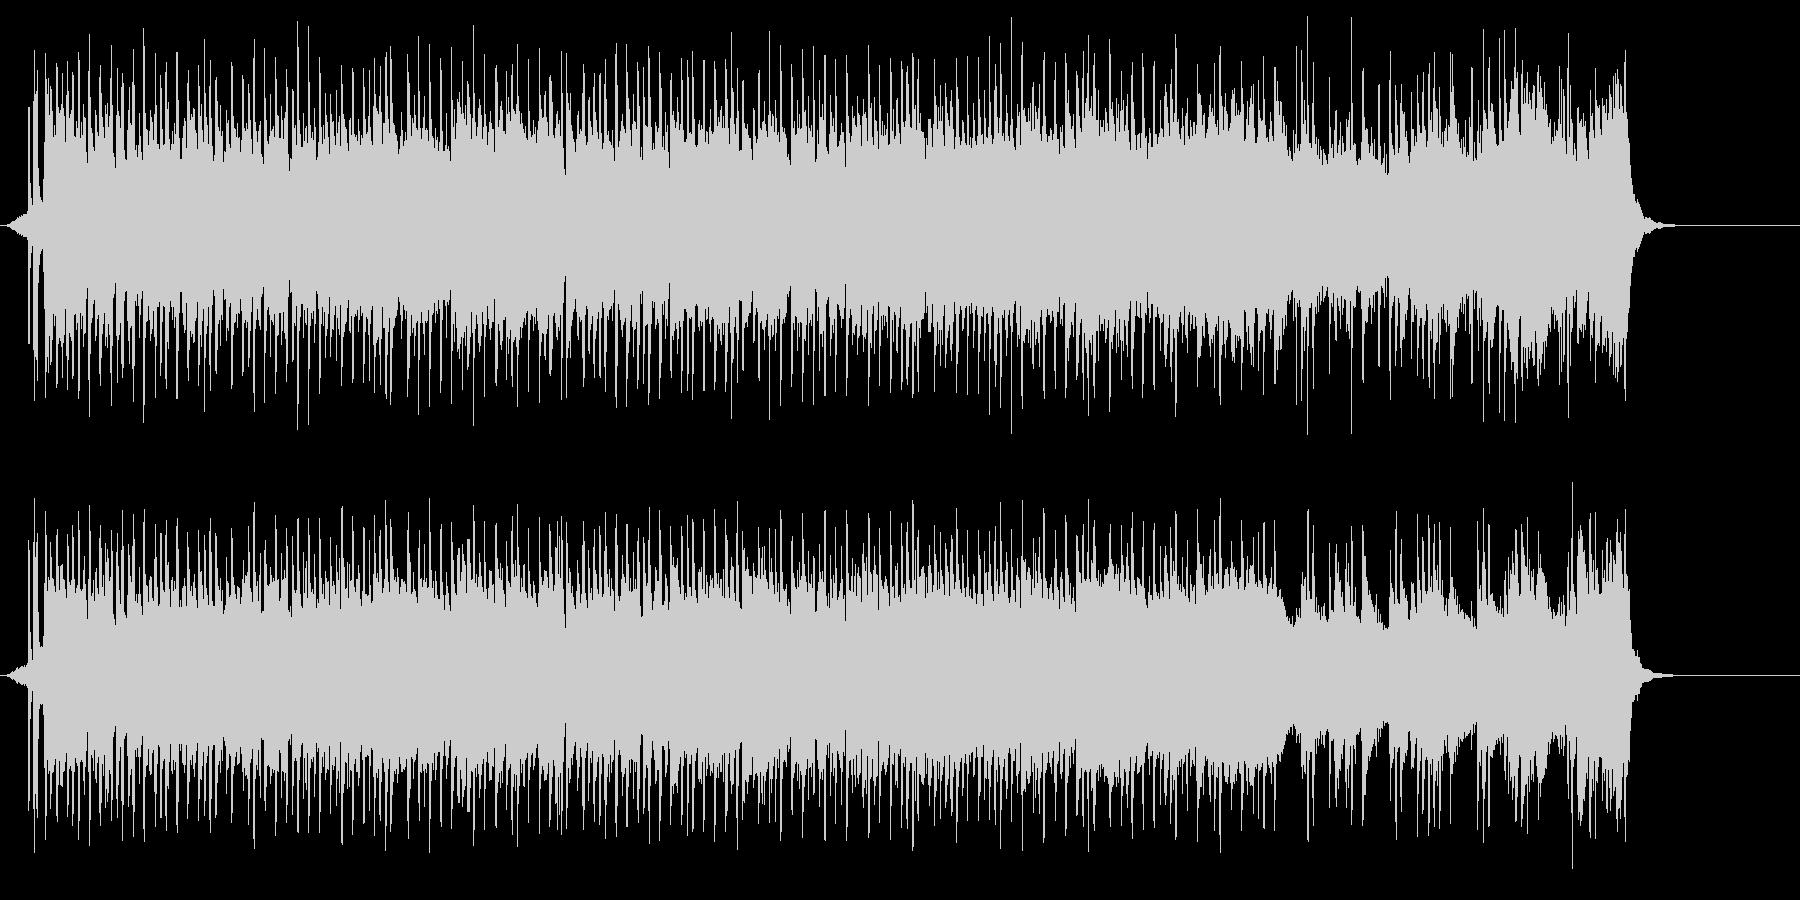 フレキシブルなギター・ロックの未再生の波形